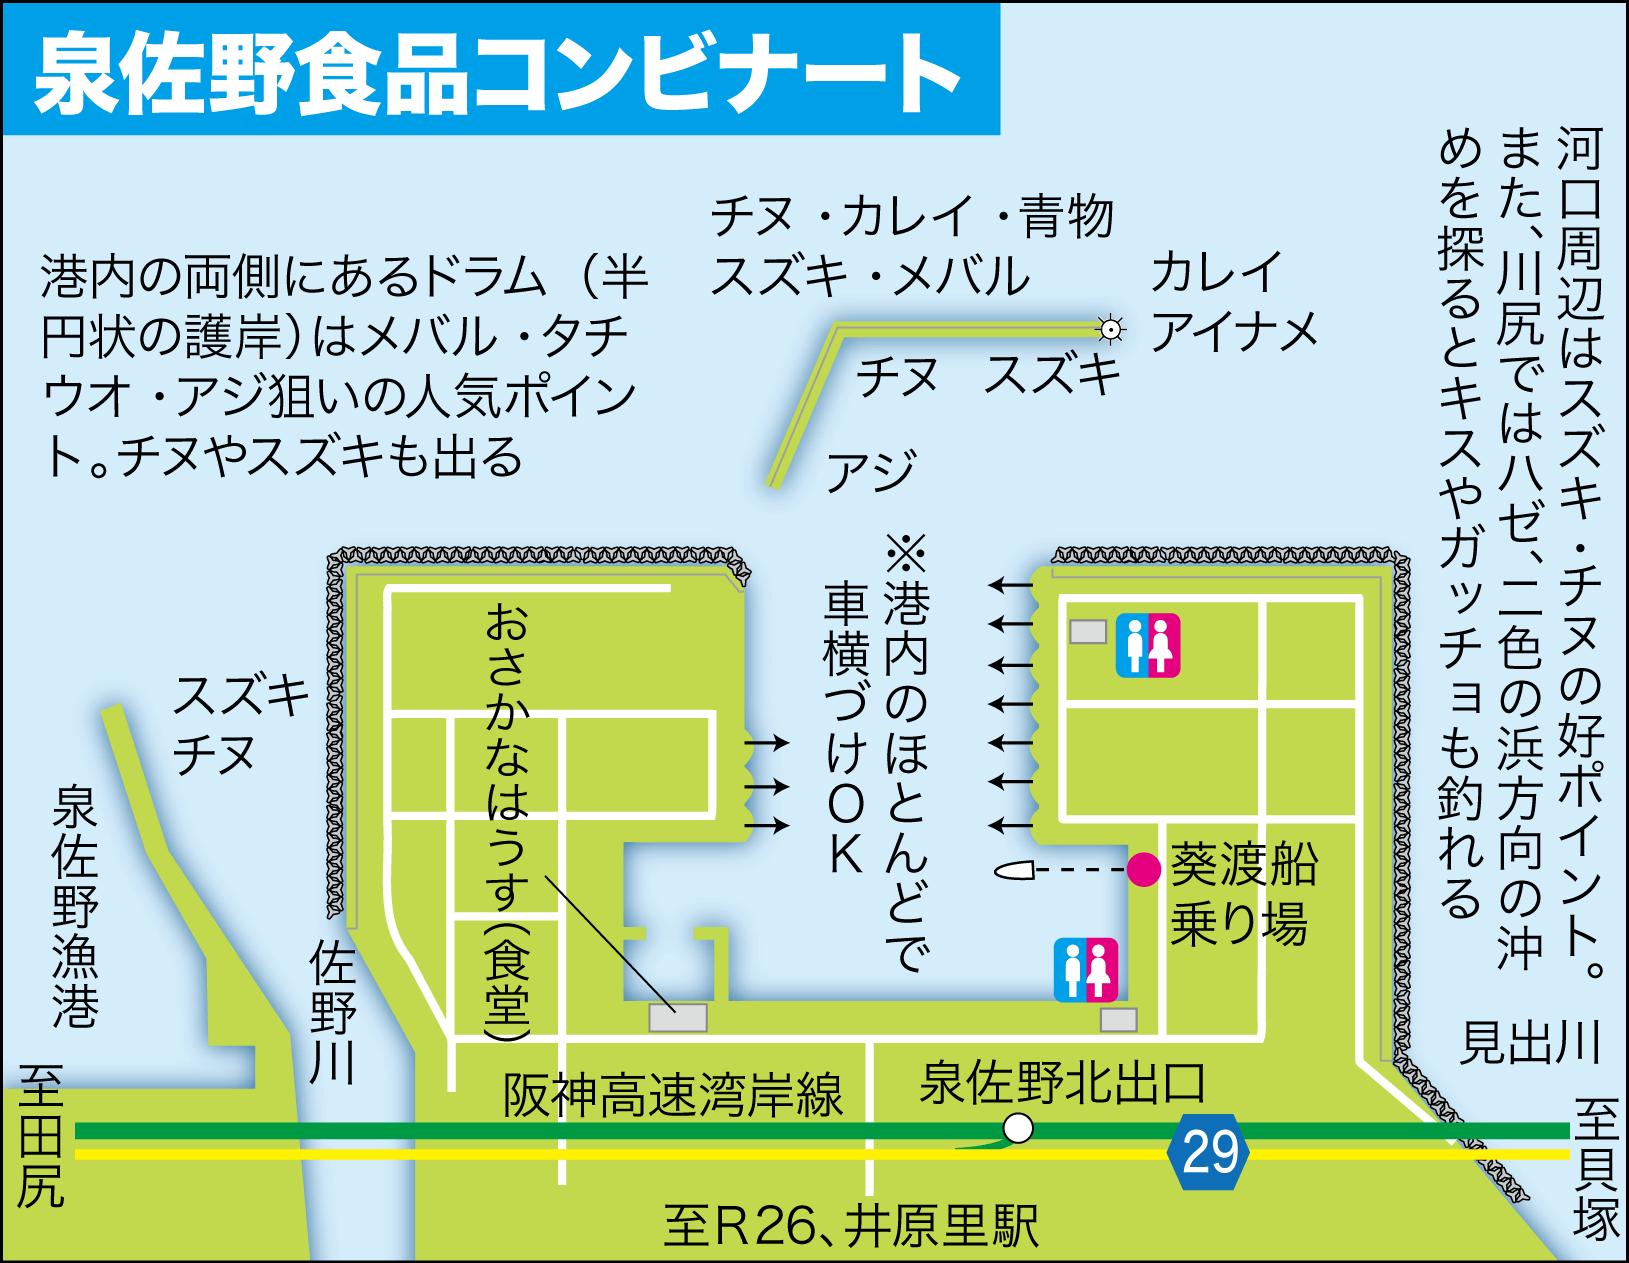 泉佐野食品コンビナート